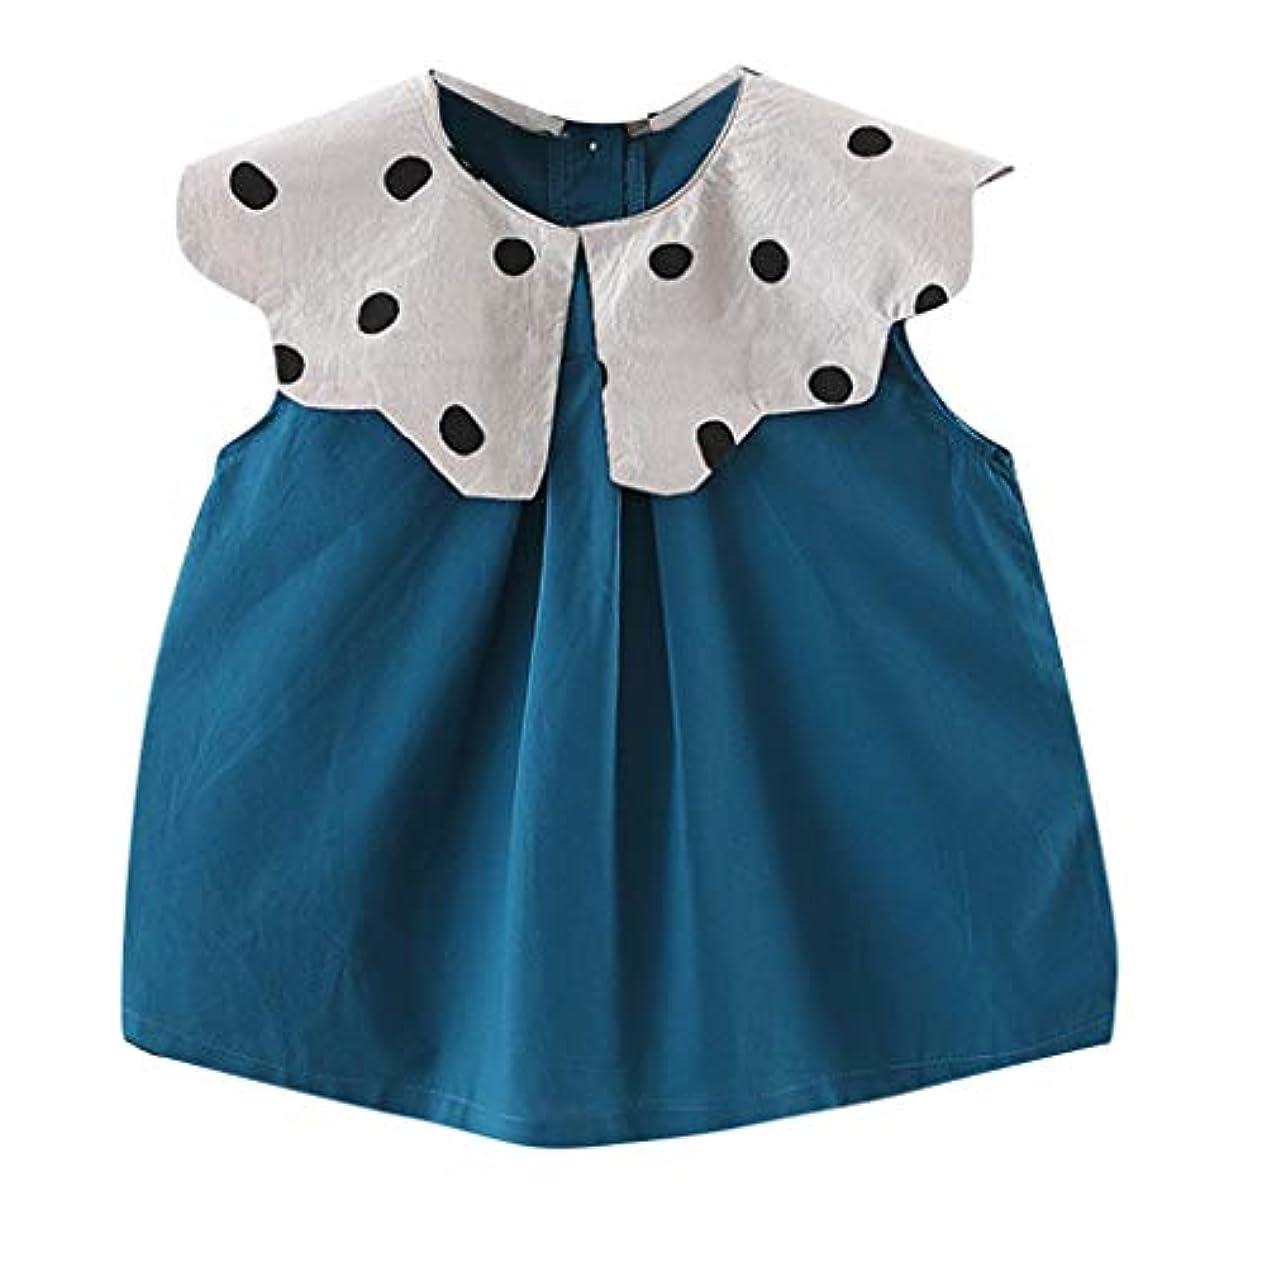 機会摂氏度ポイントキッズ服 ドレス Jopinica 6ヶ月~3歳 夏ノースリーブレースドールカラーワンピース ブルー・オレンジファッションドレスビーチスカート かわいい子供服 令和の最新 カジュアル衣装 お出かけ 日常